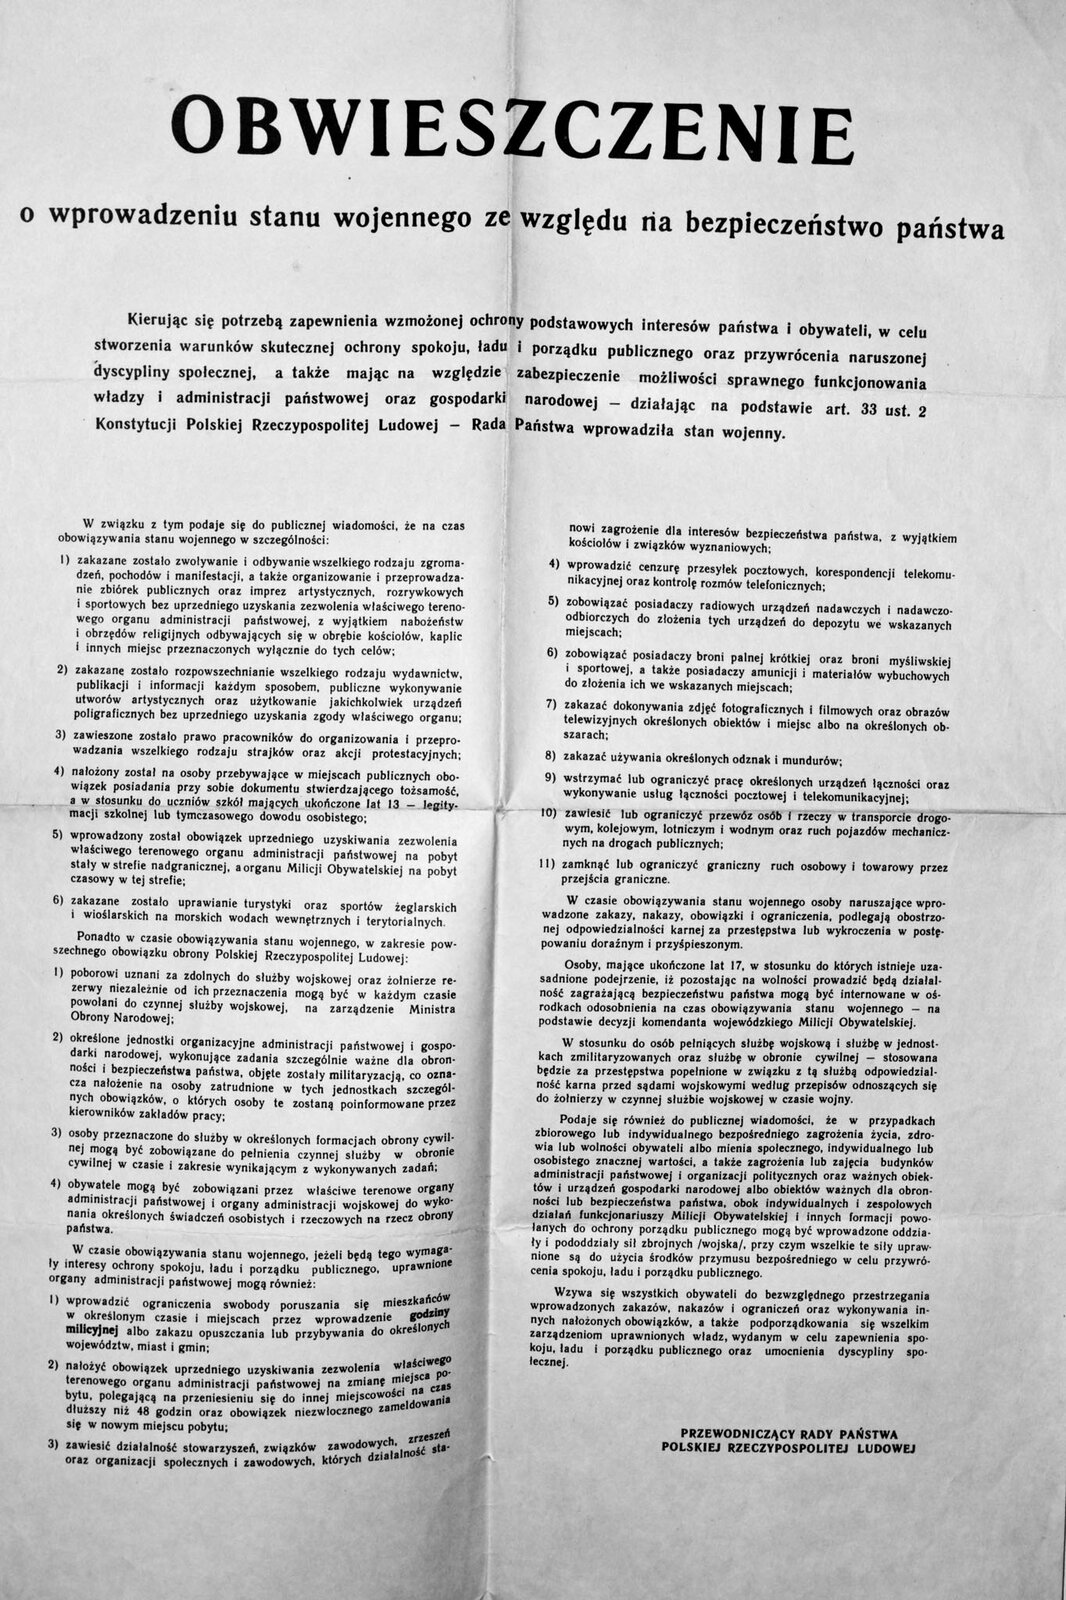 Obwieszczenie Rady Państwa owprowadzeniu stanu wojennego Źródło: Briho, Obwieszczenie Rady Państwa owprowadzeniu stanu wojennego, domena publiczna.